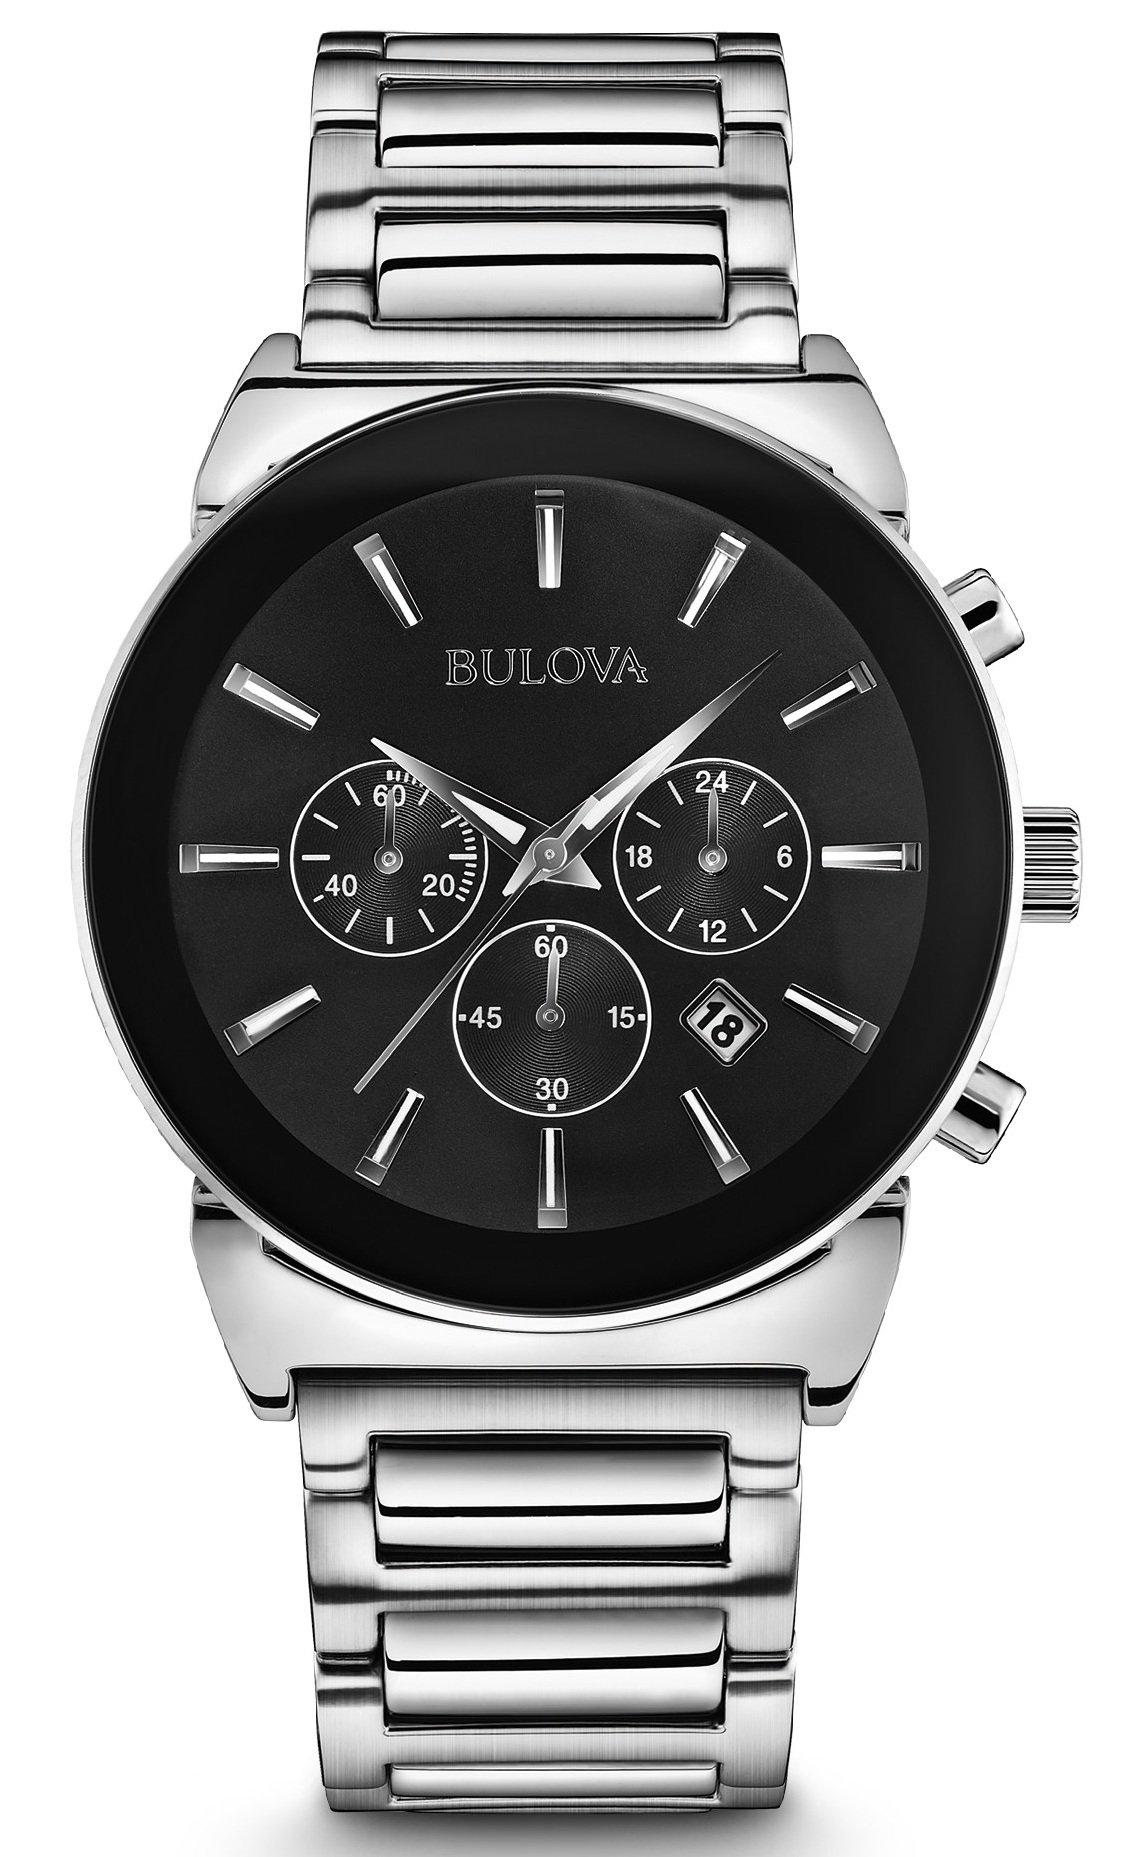 Trẻ trung, lịch lãm là tất cả những gì người ta nói về chiếc đồng hồ Bulova náy